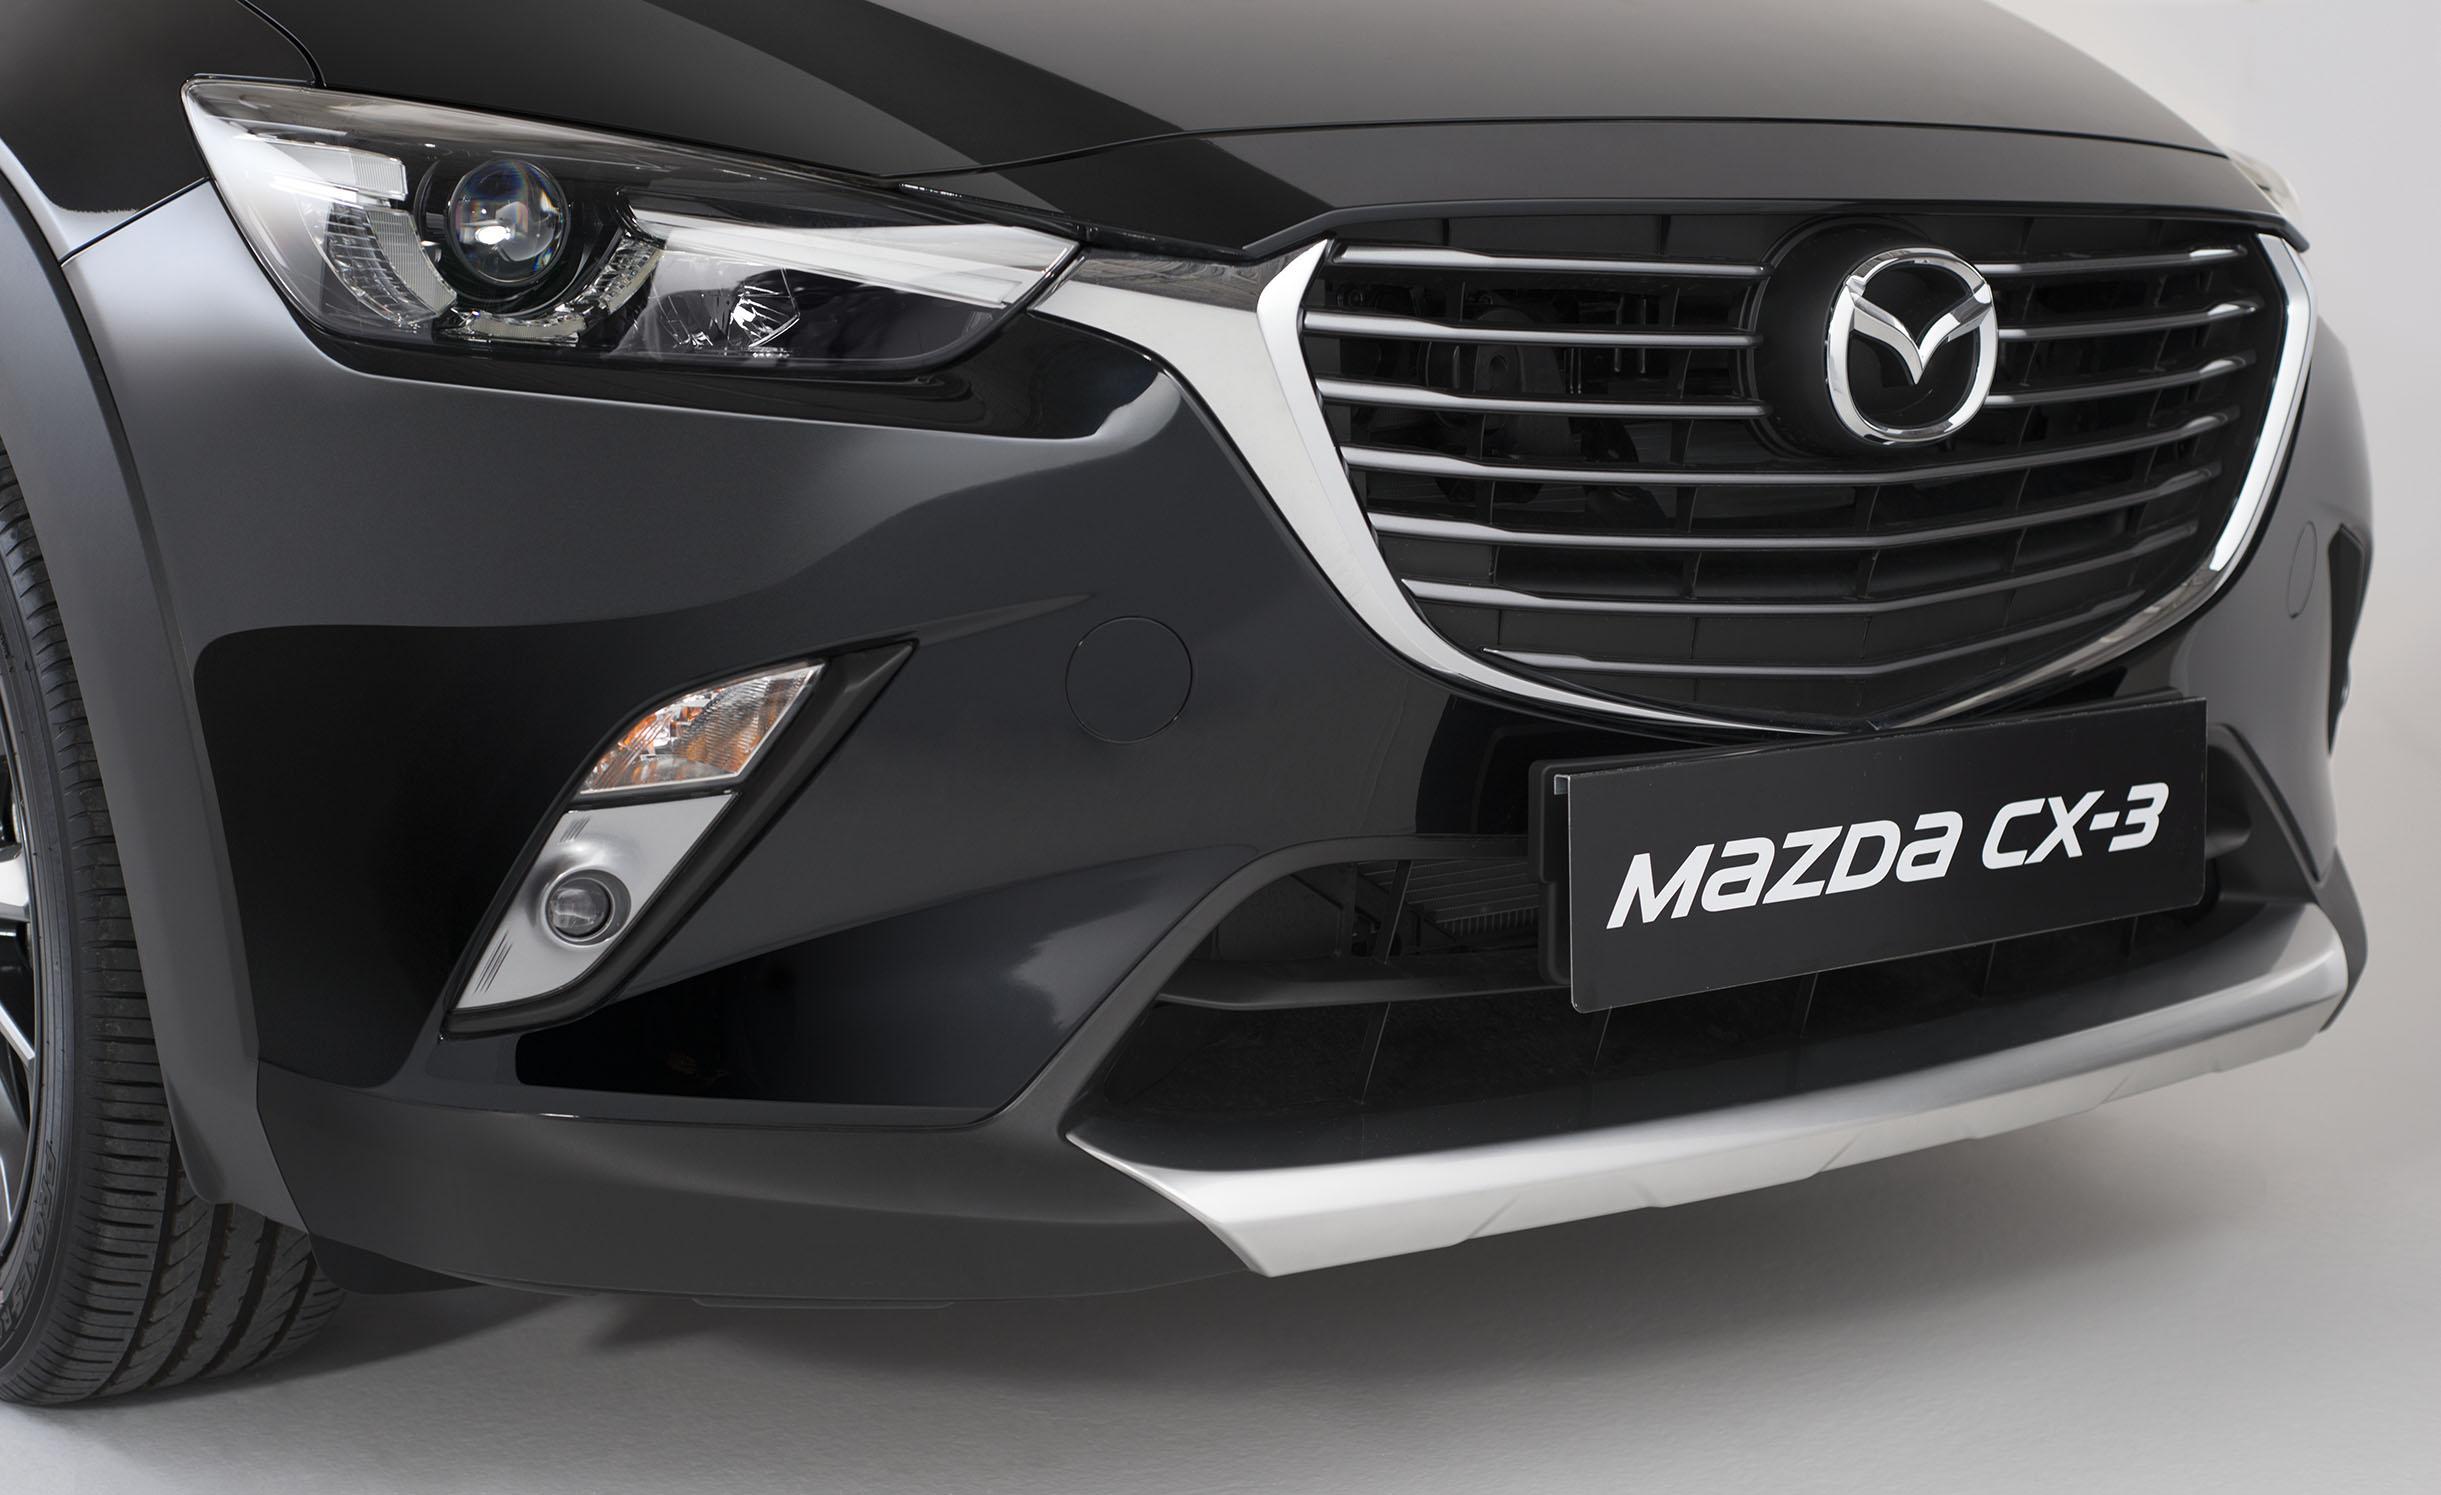 mazda CX3 limited edition pollini